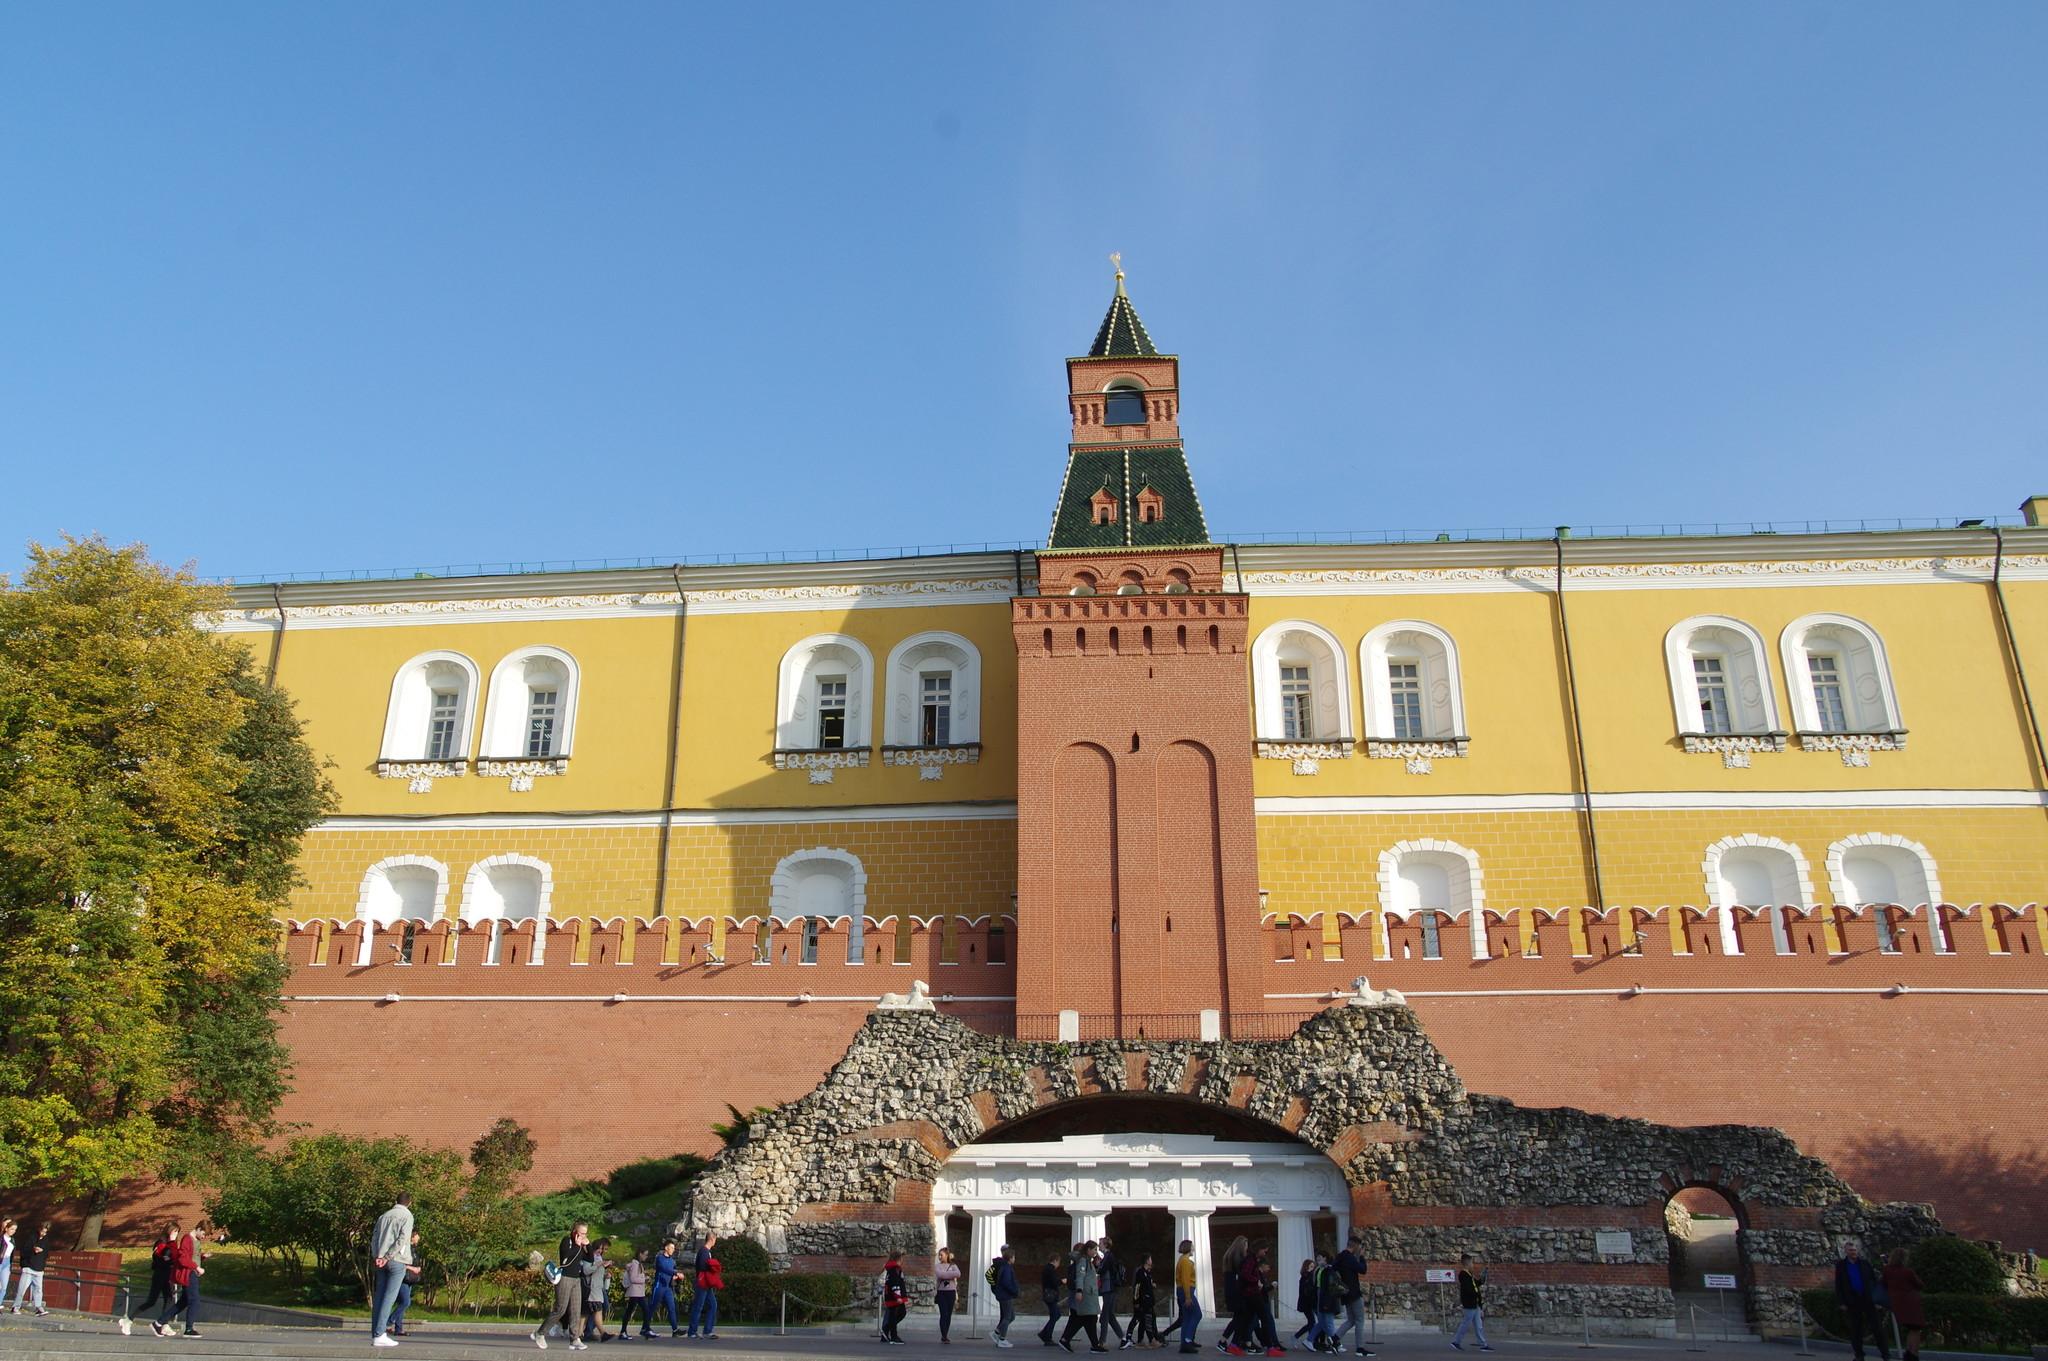 Итальянский грот (известен также как грот «Руины», павильон-руина «Грот») - мемориальное и декоративное сооружение в Александровском саду у подножия Средней Арсенальной башни Московского Кремля